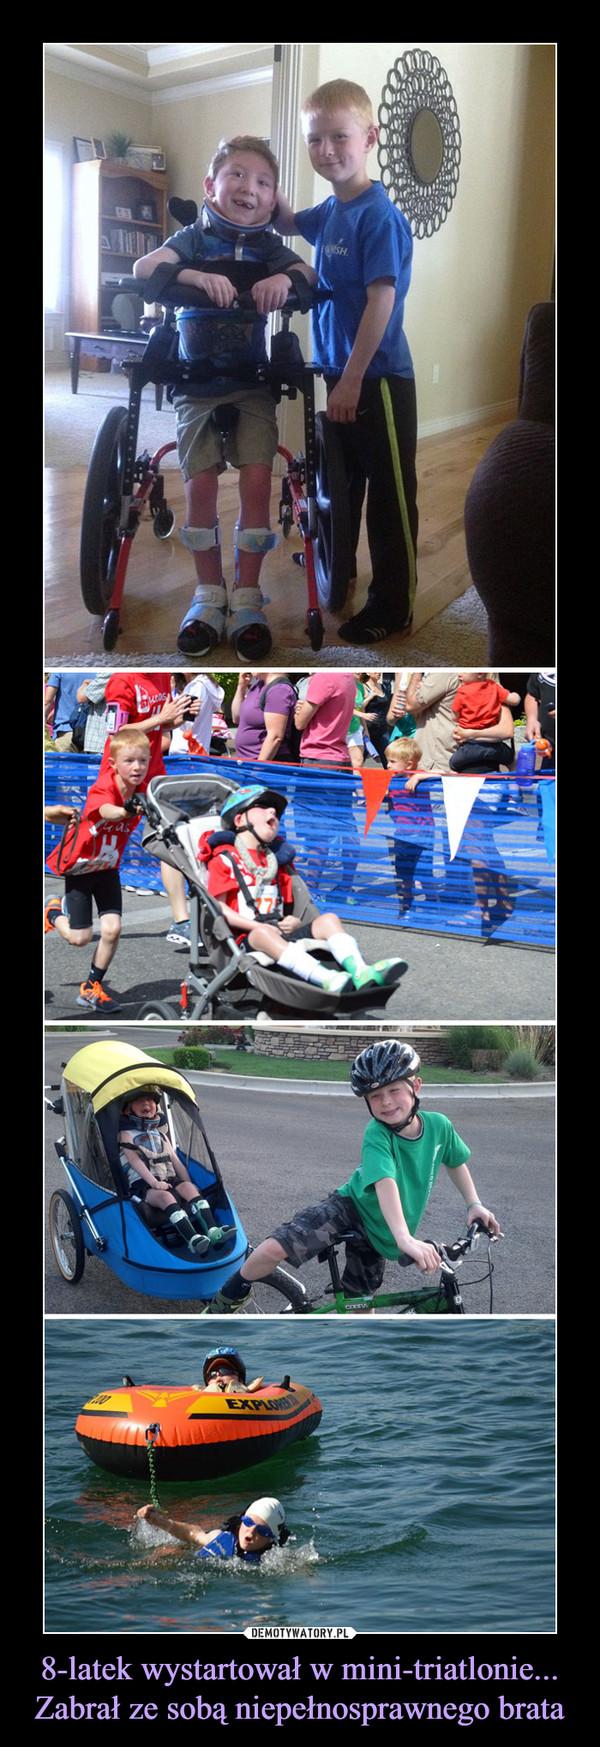 8-latek wystartował w mini-triatlonie... Zabrał ze sobą niepełnosprawnego brata –